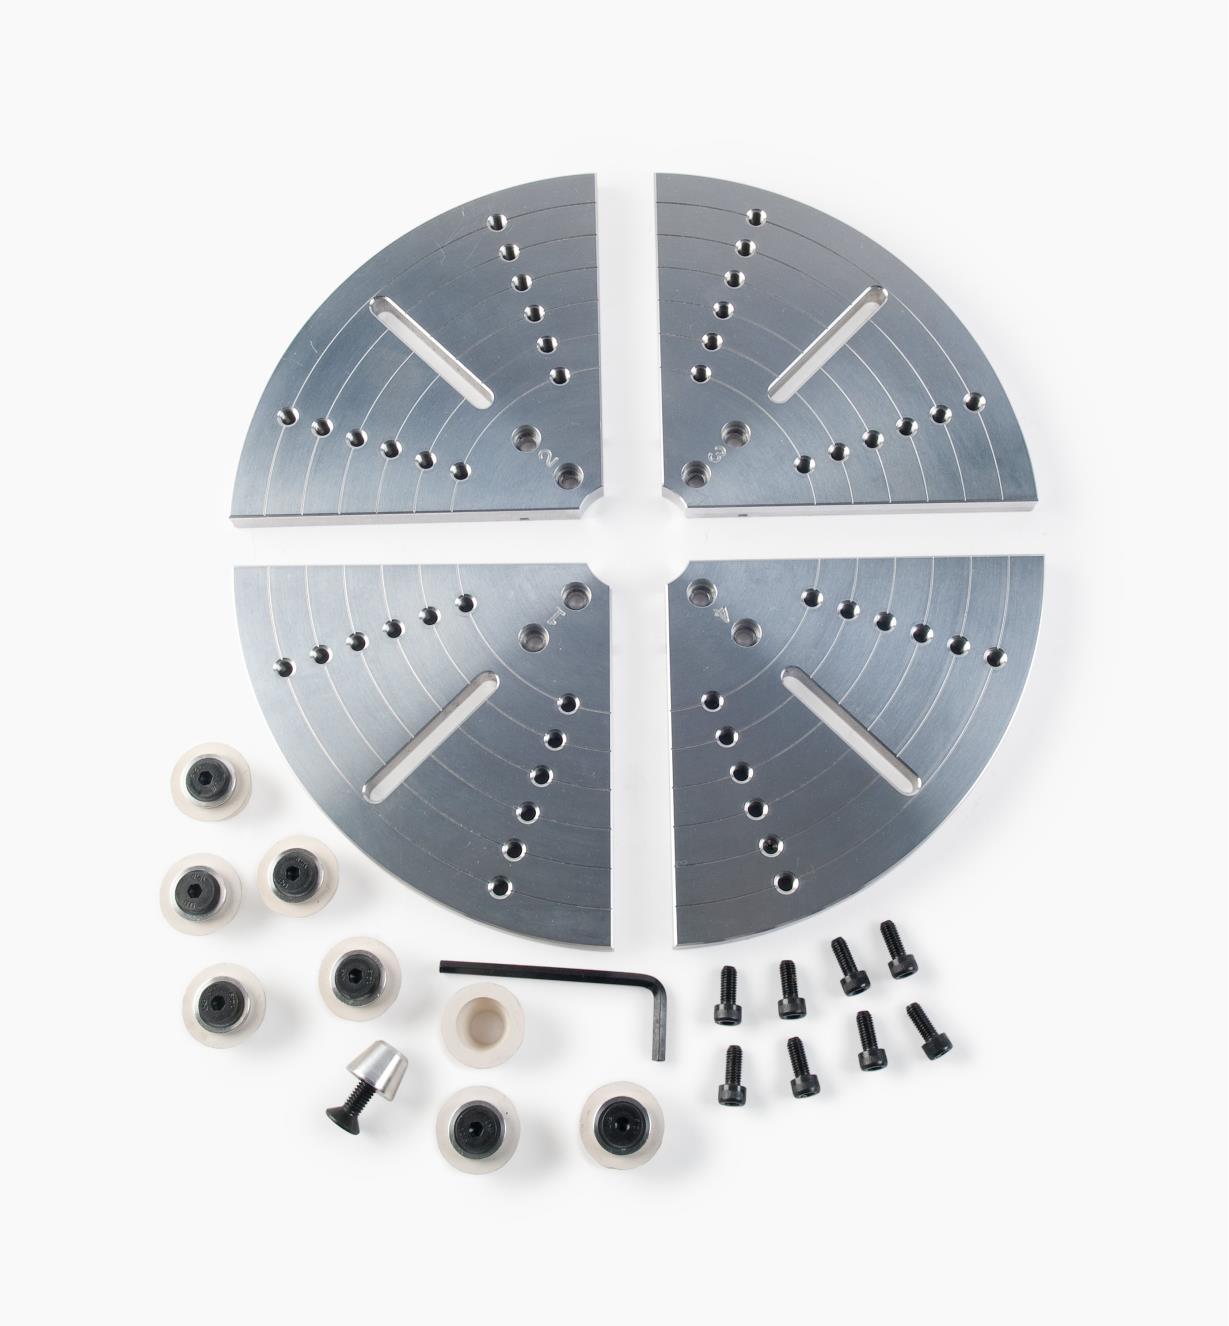 58B4086 - Jeu de mors plats en aluminium Axminster, 250 mm (9 13/16 po)